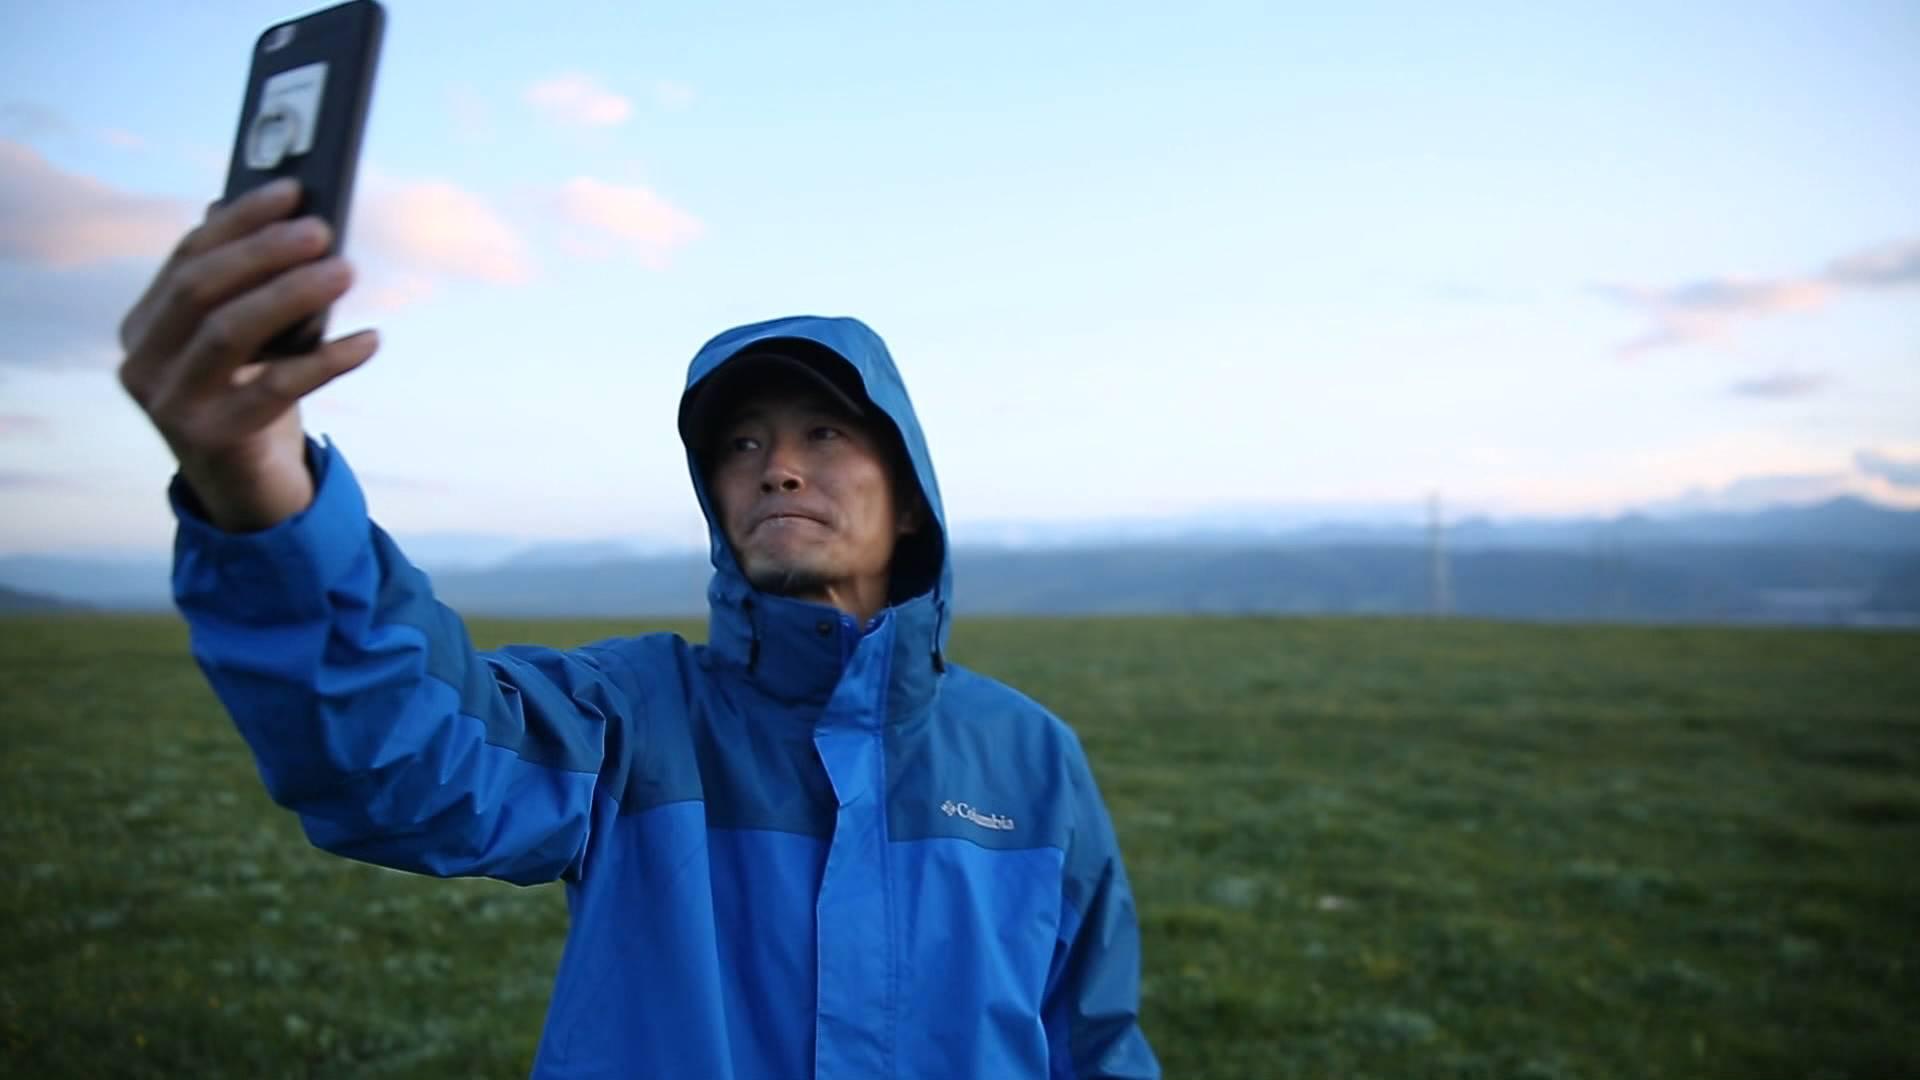 奔跑在高原上的山东电视人曲展:3年走遍门源县12个乡镇109个行政村